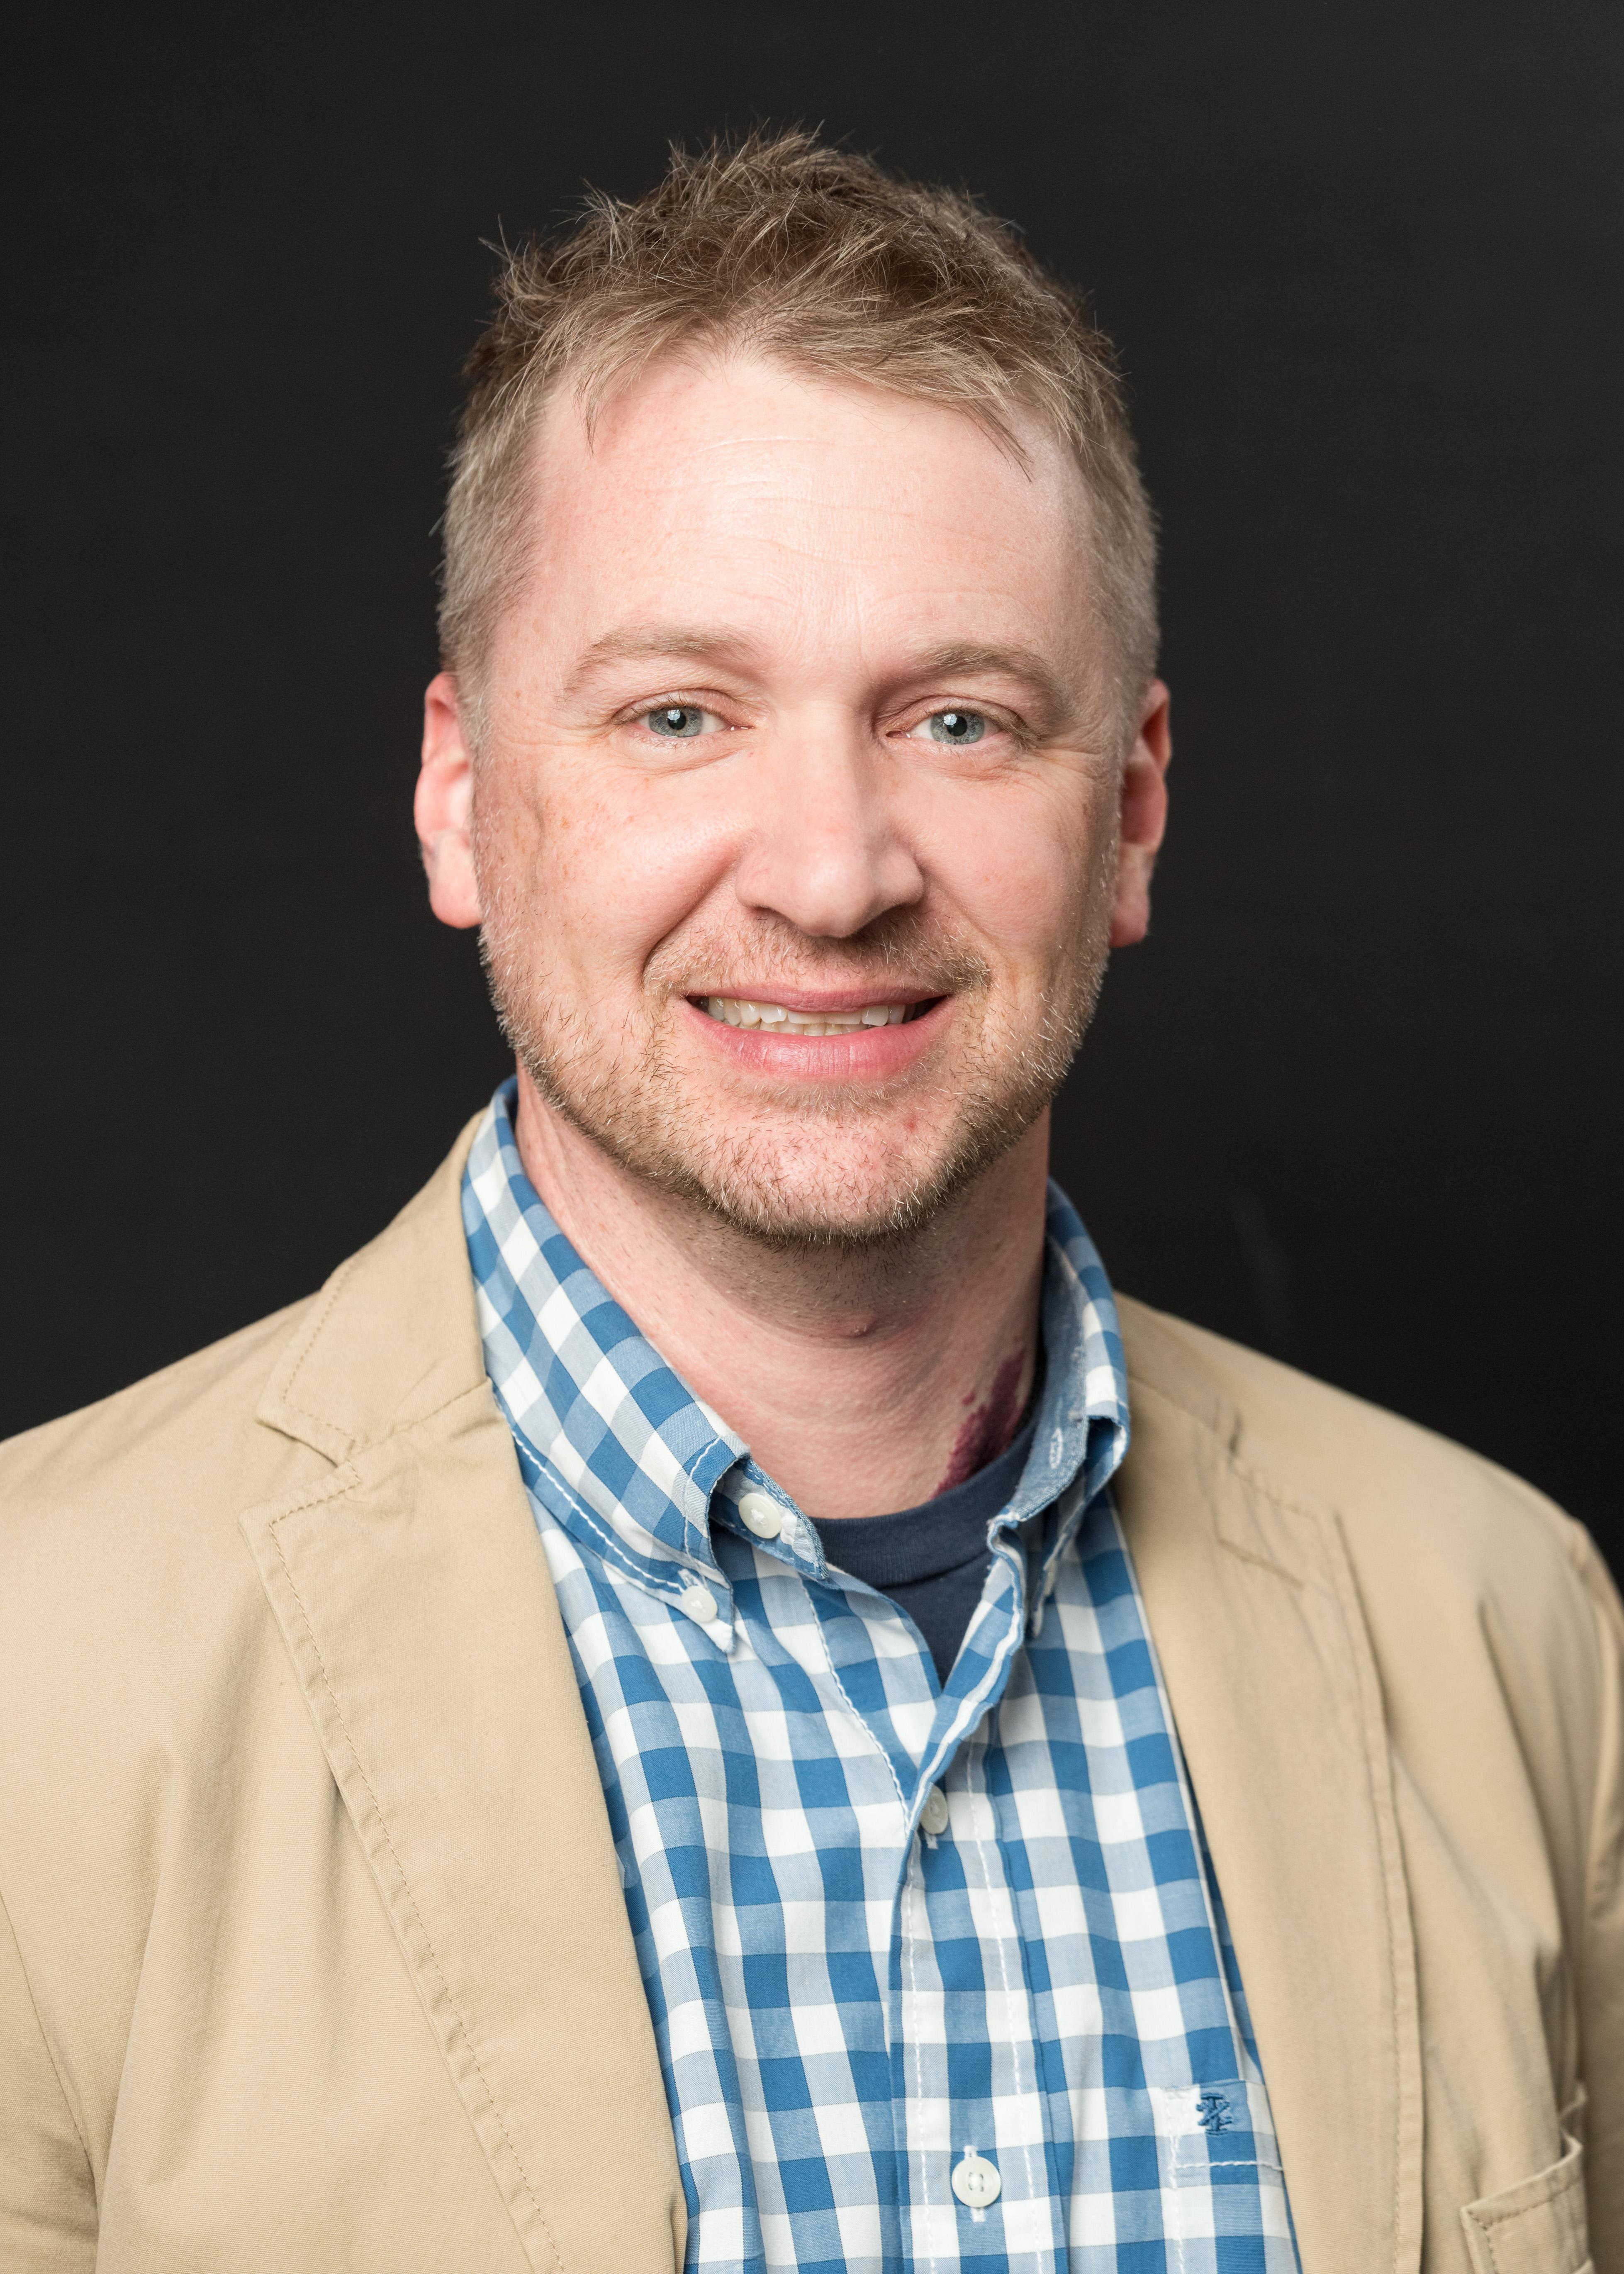 Roger Kirkman, Market Center Administrator